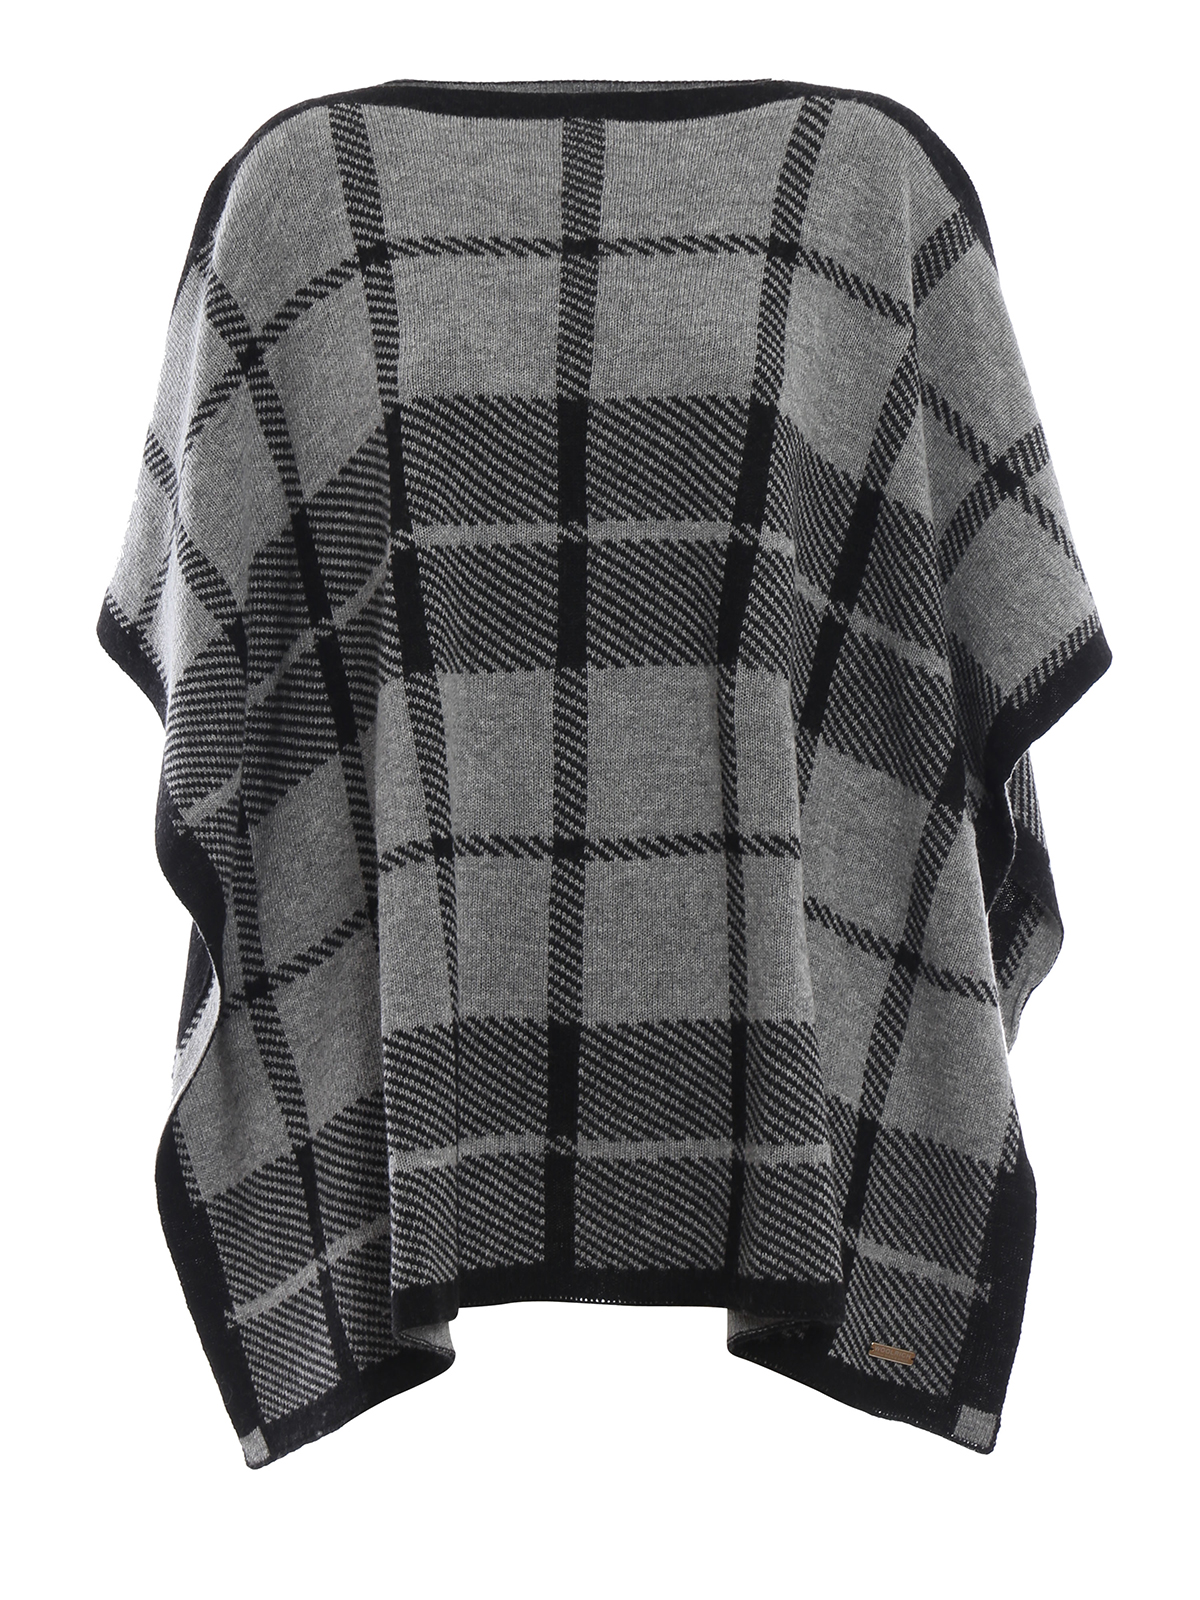 grigio misto Woolrich nero quadri in e Mantelle a lana Poncho e SnwBxgfwqZ